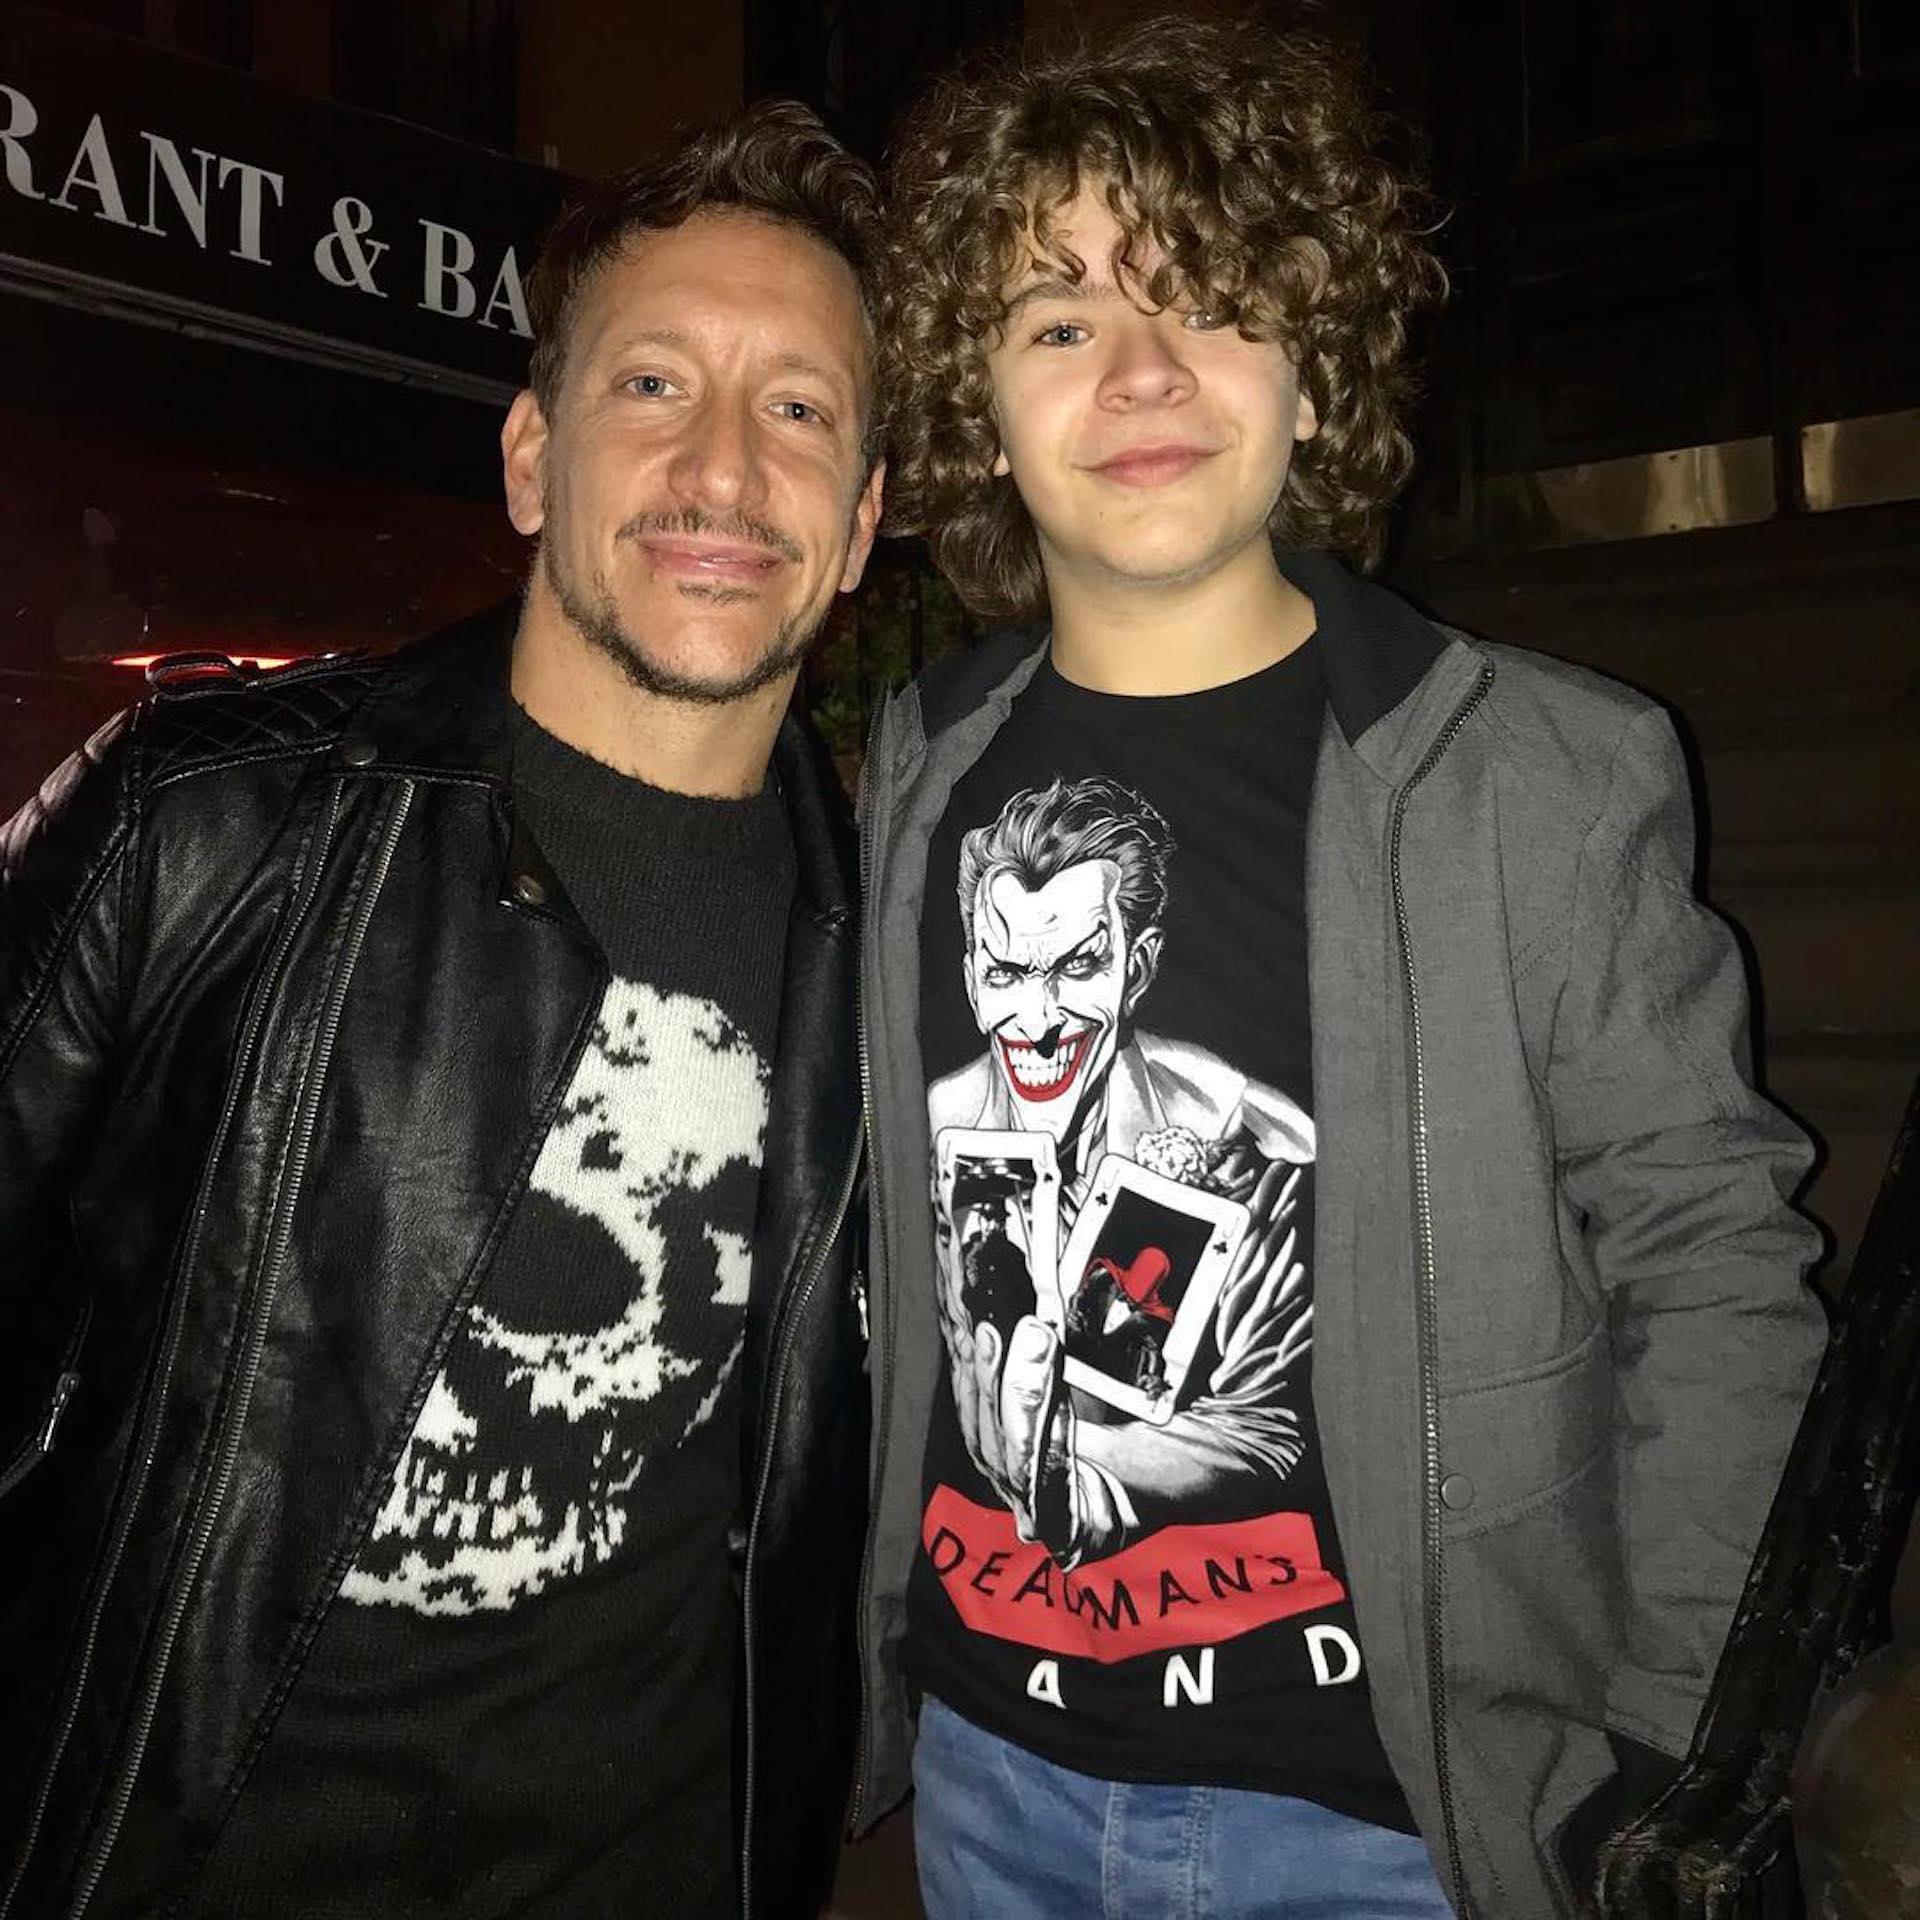 Nico Vázquez y su comentado encuentro con Gaten Matarazzo, el actor de Stranger Things. (Foto Instagram)